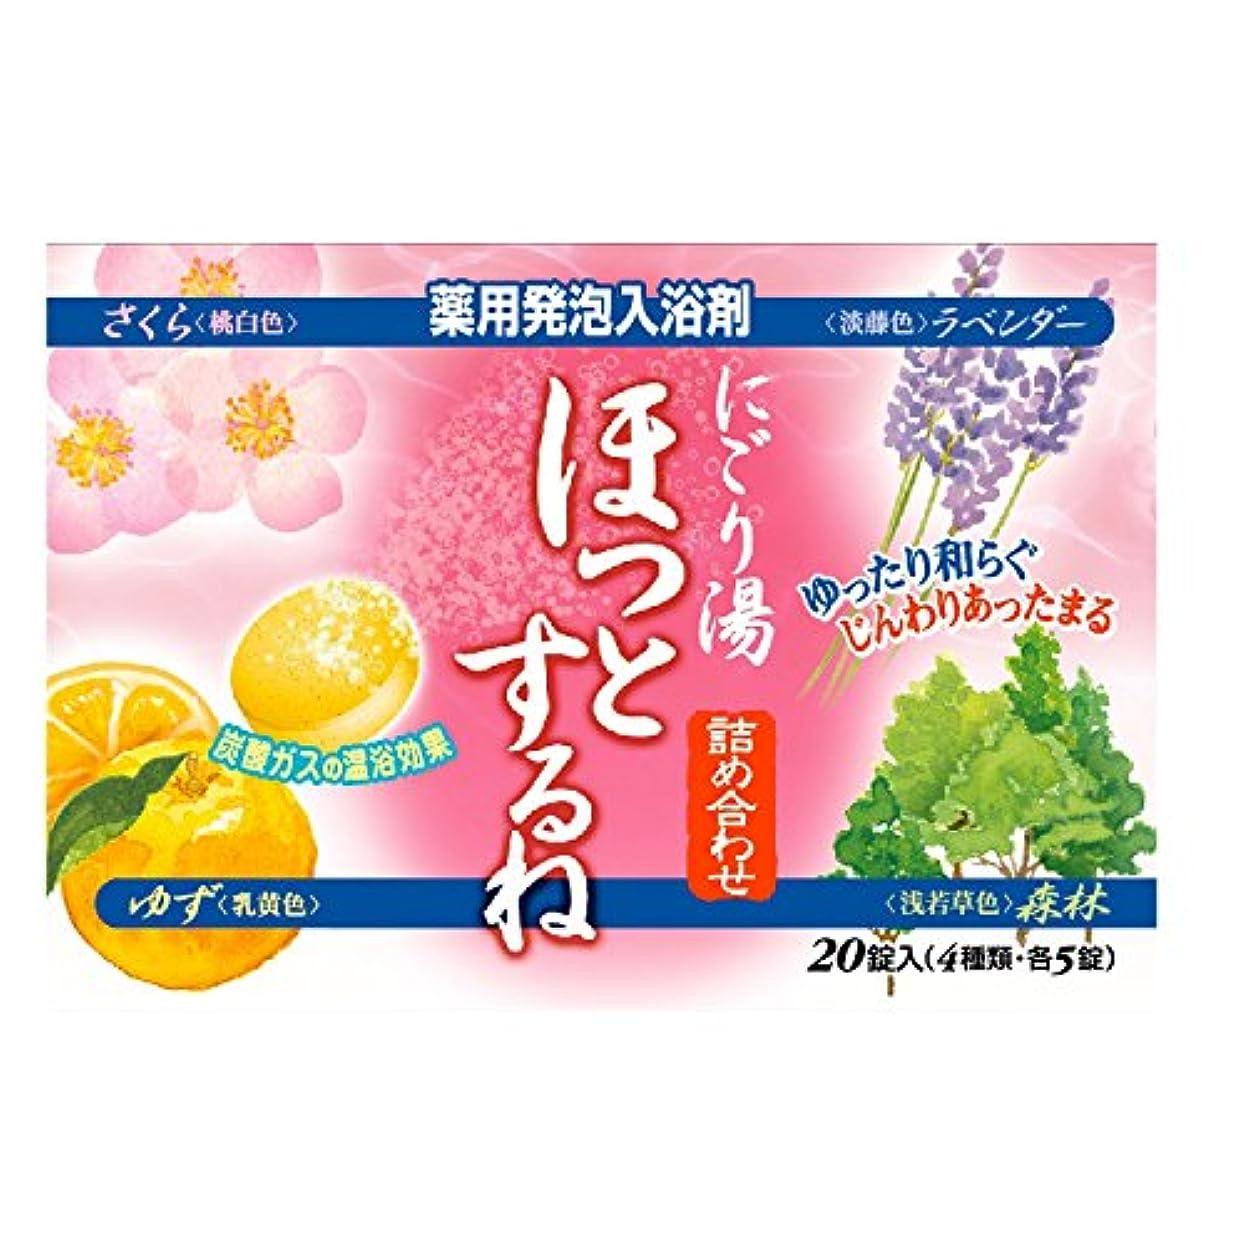 汗トースト茎パシフィック薬品 薬用 発泡入浴剤 ほっとするね 詰め合わせ 40g×20錠